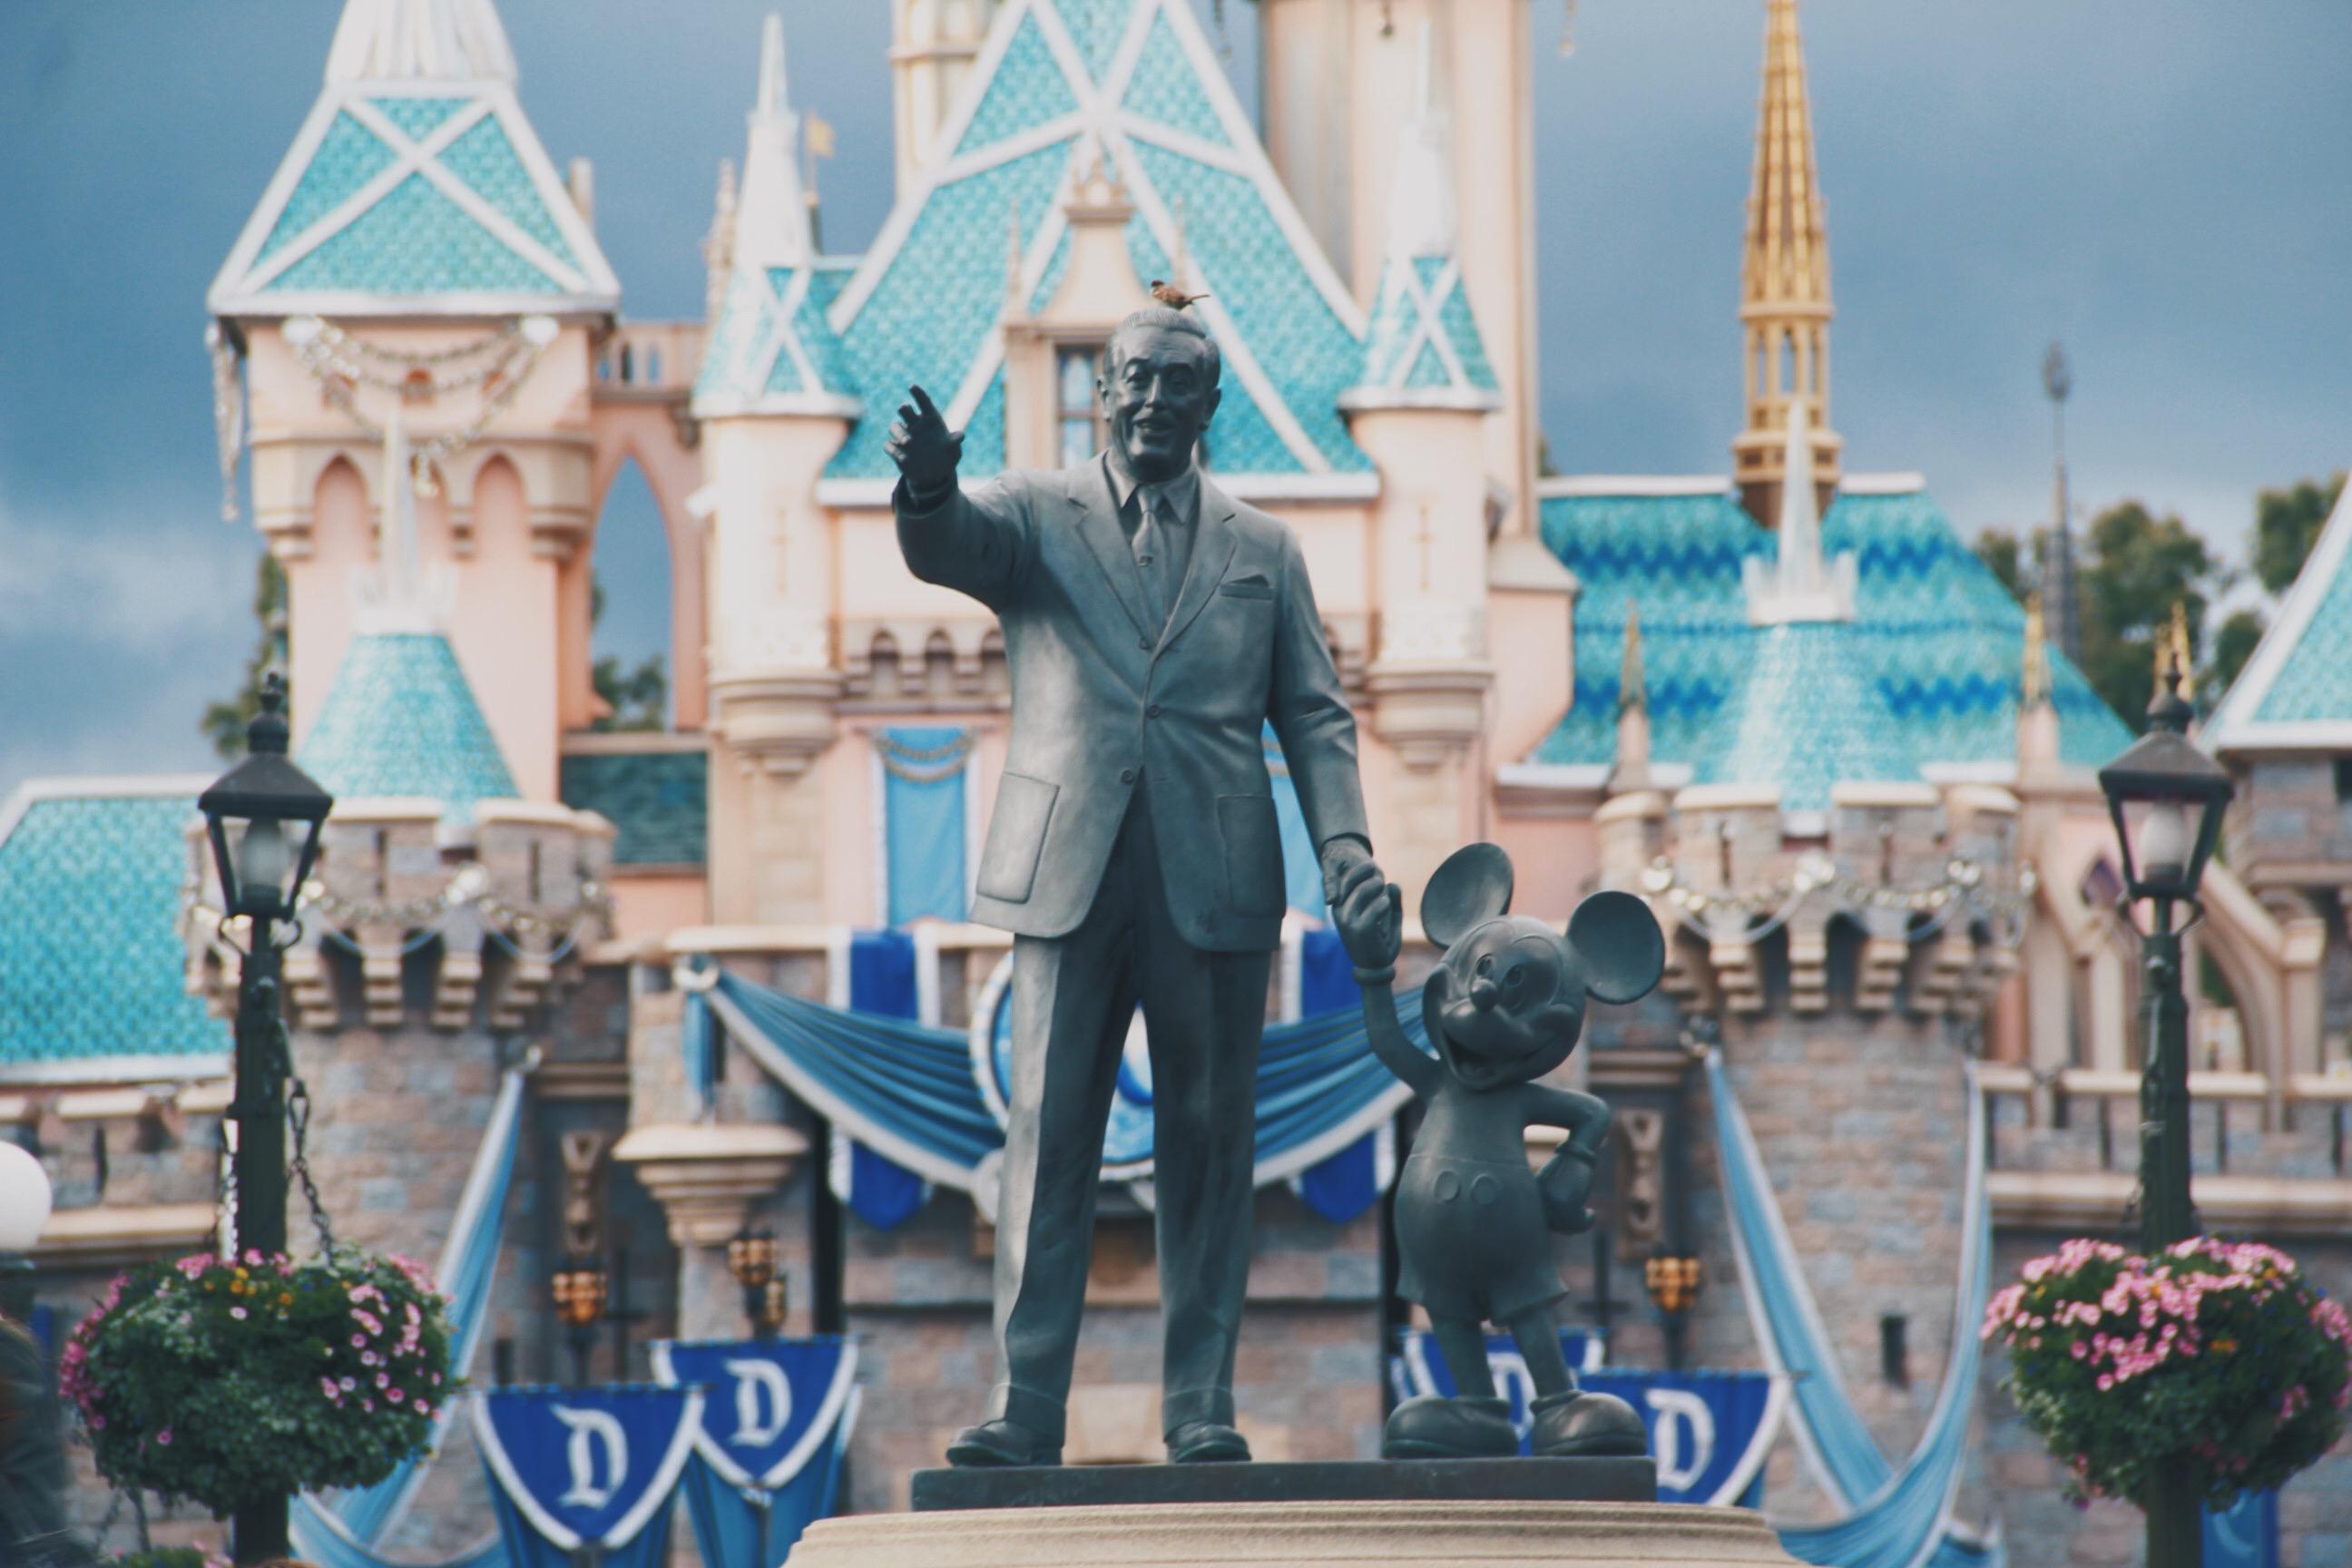 Free Images Statue Amusement Park Castle Tourism Resort